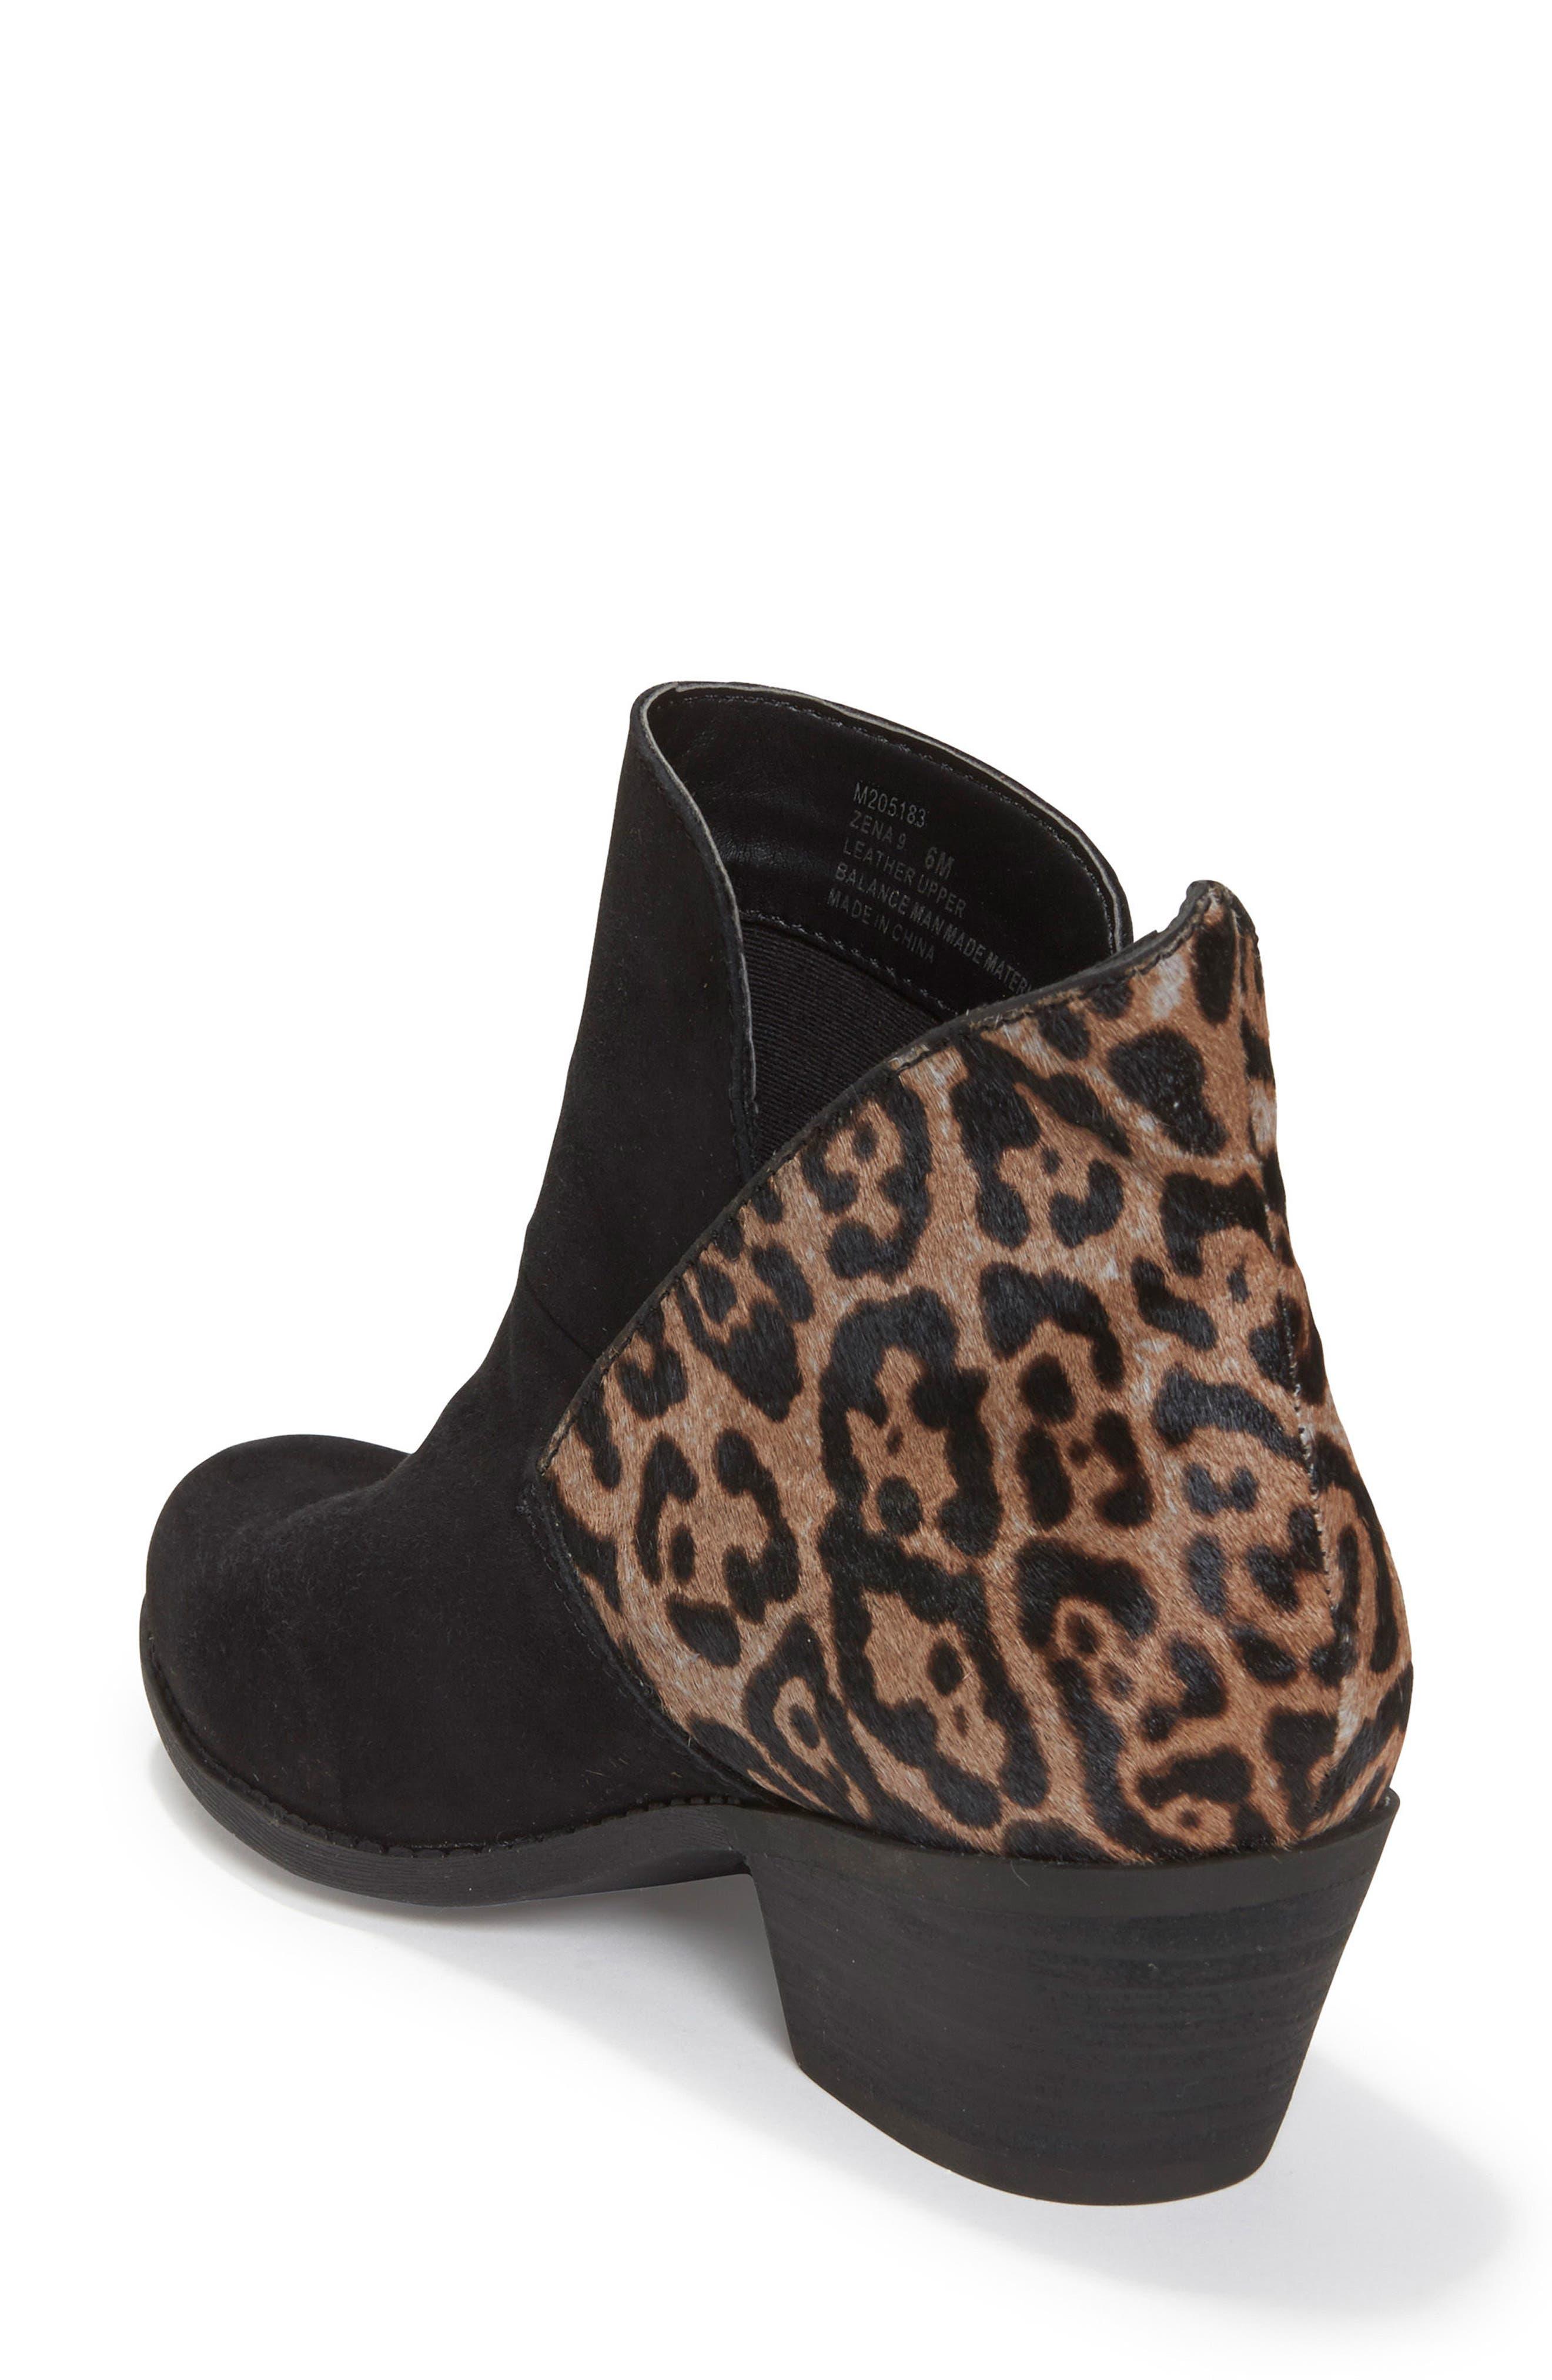 Zena Ankle Boot,                             Alternate thumbnail 2, color,                             Black/ Ash Jaguar Suede